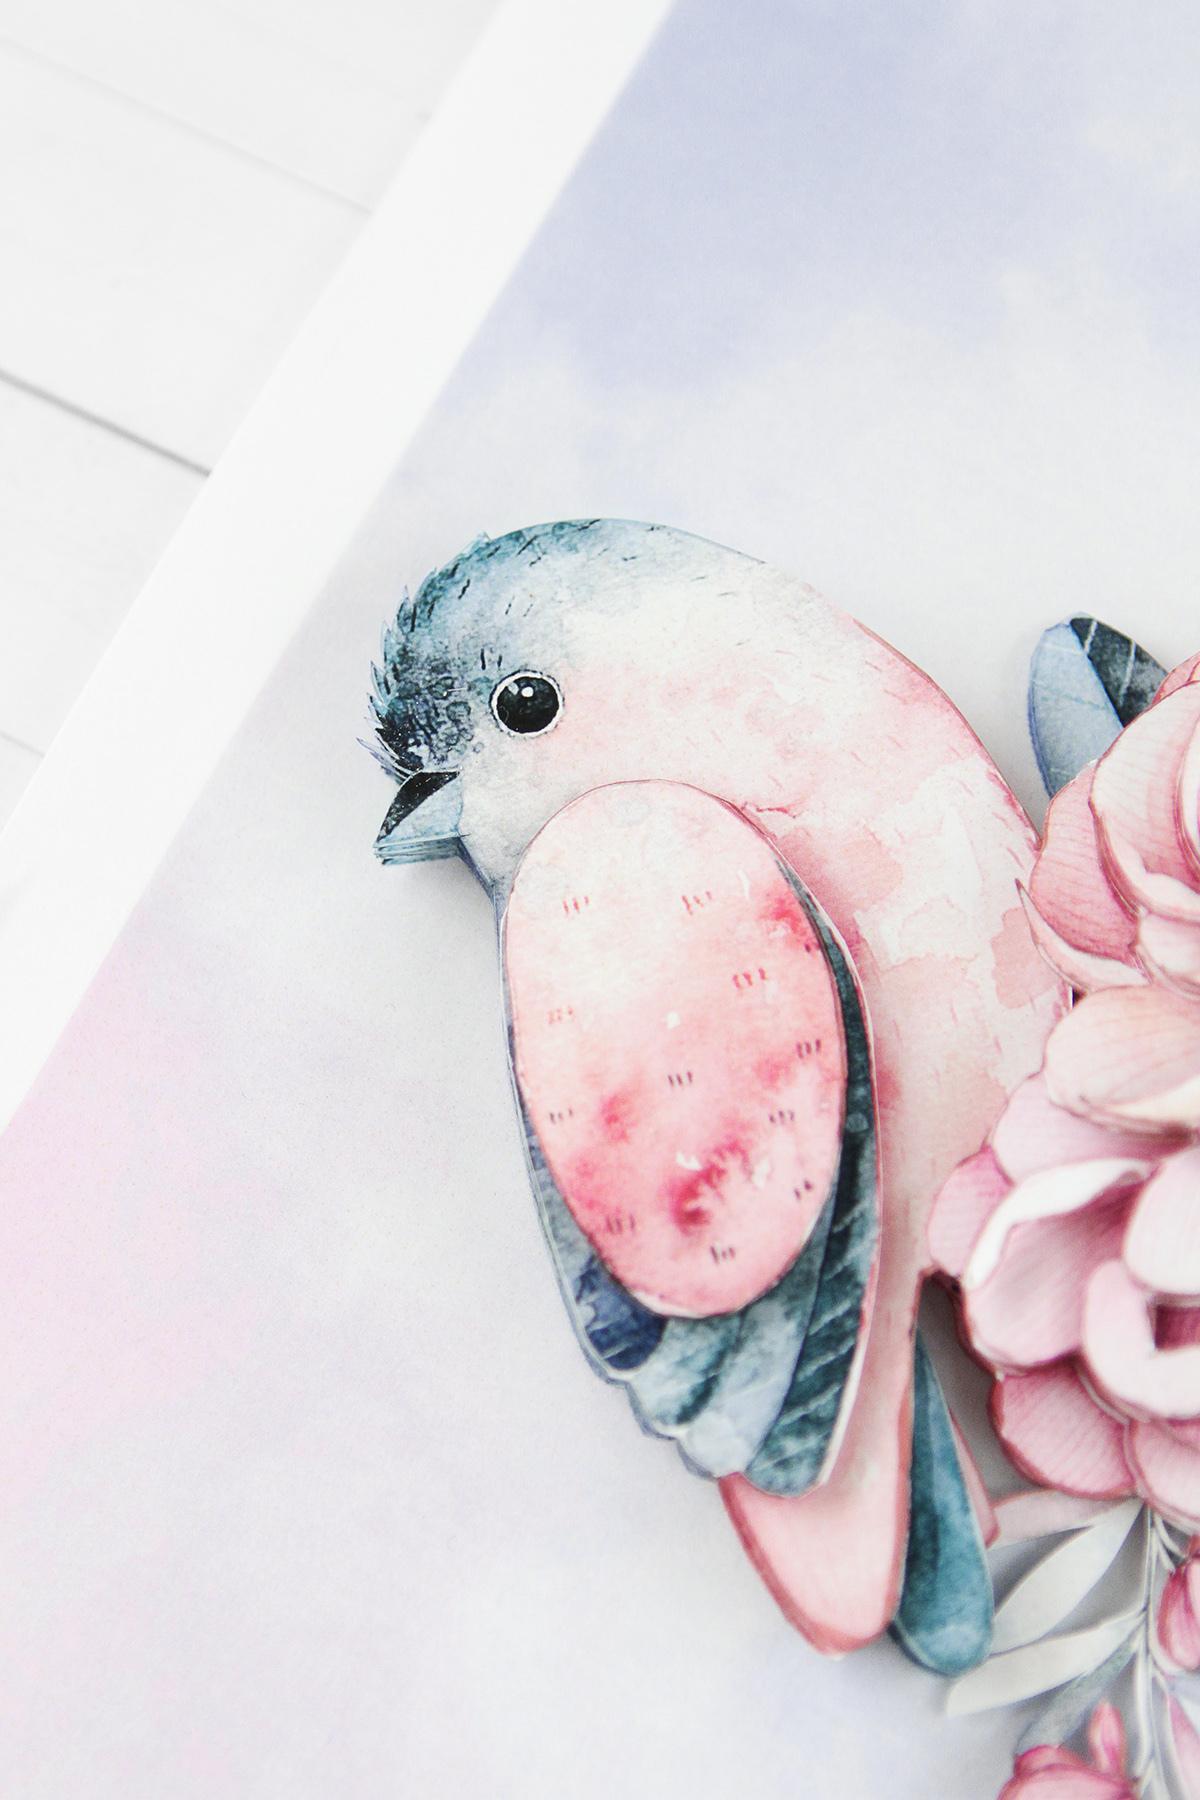 Папертоль Птичка счастья - готовая работа, детали сюжета